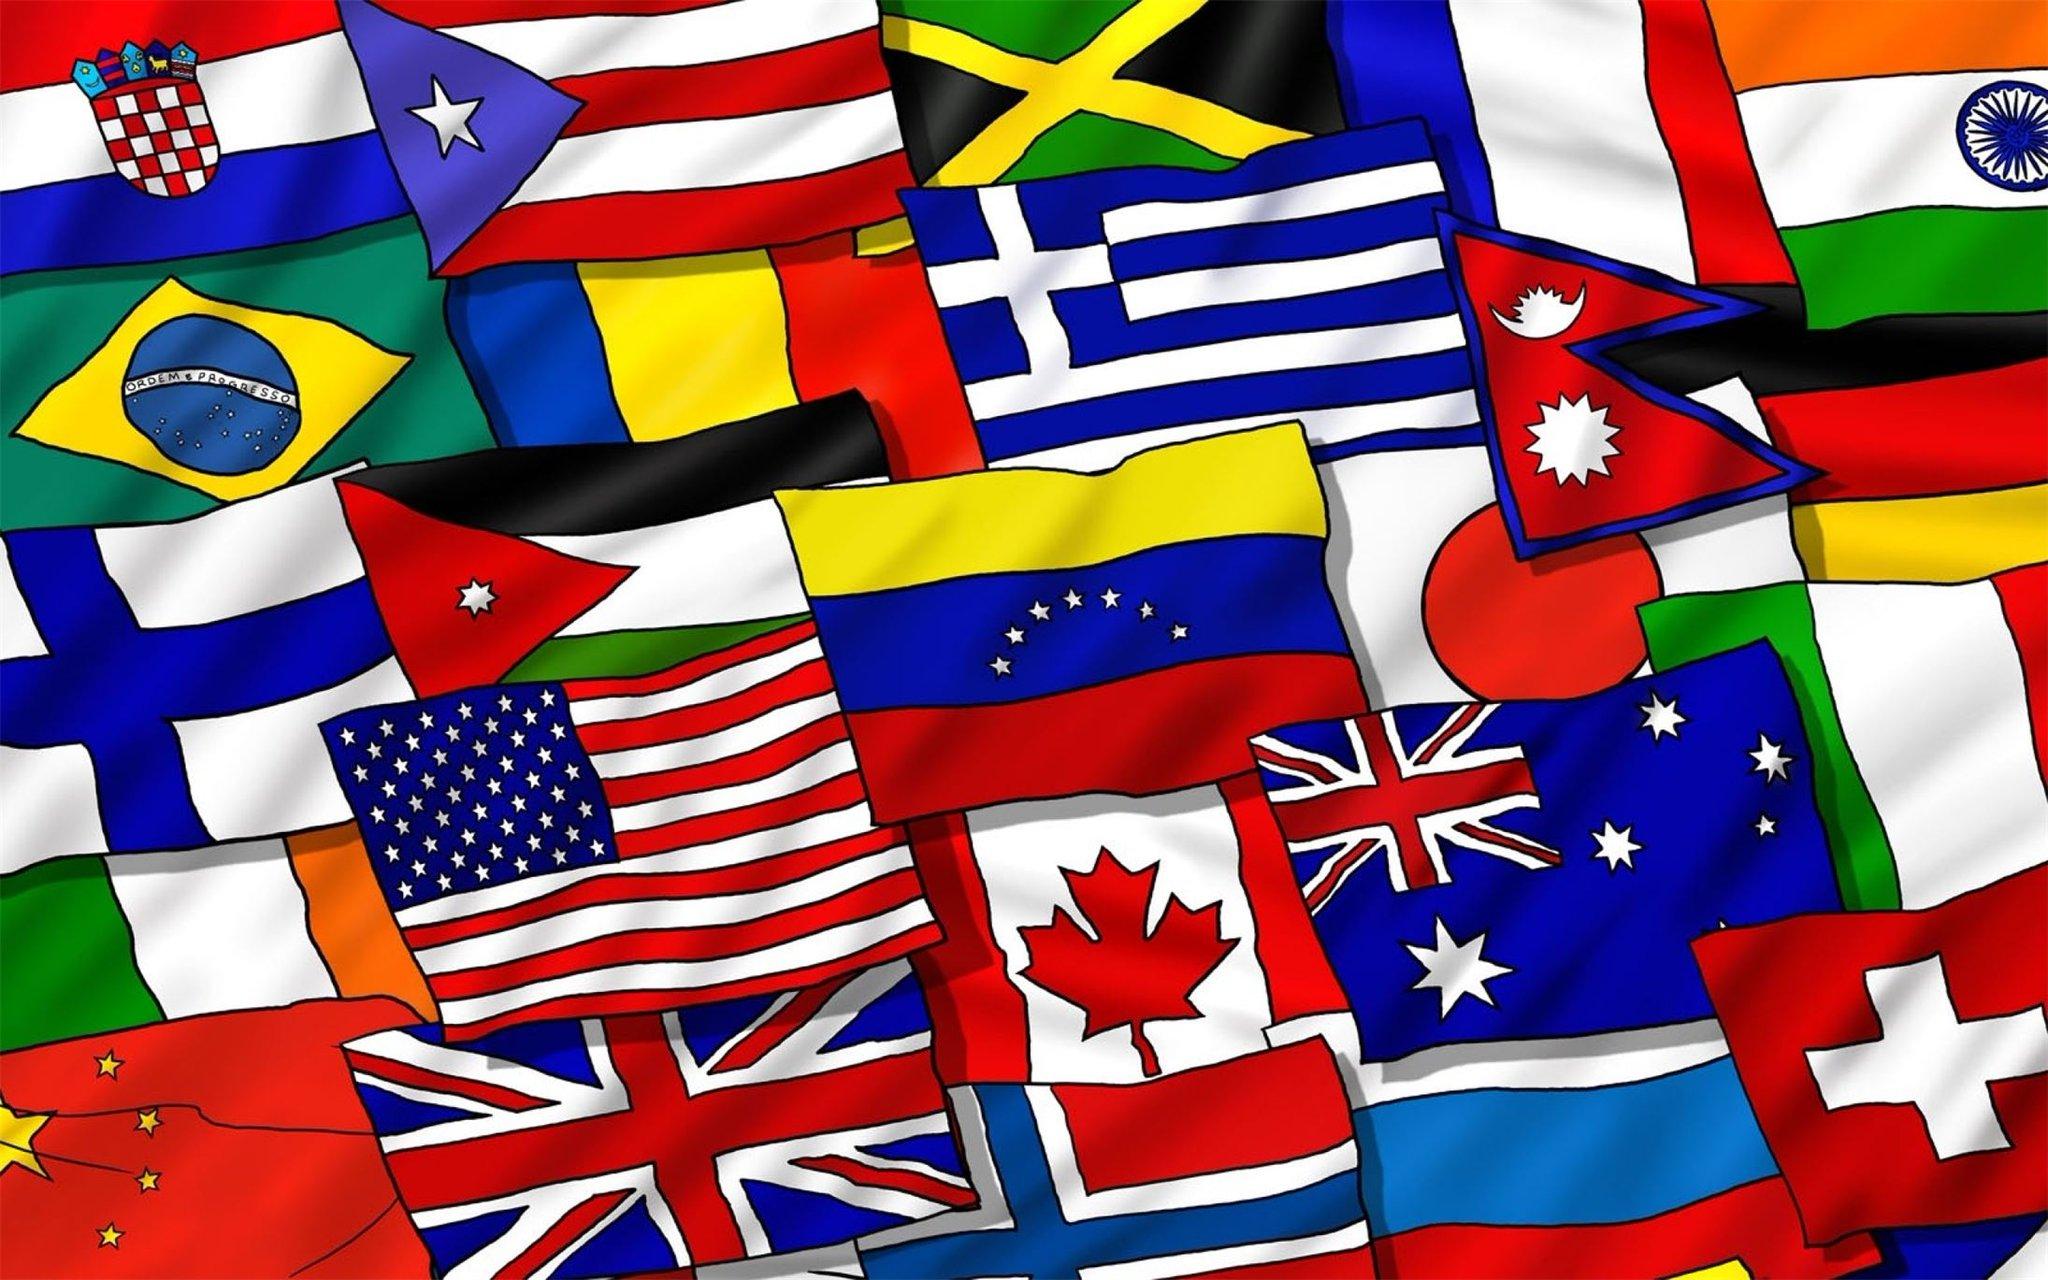 Открытки с флагами разных стран